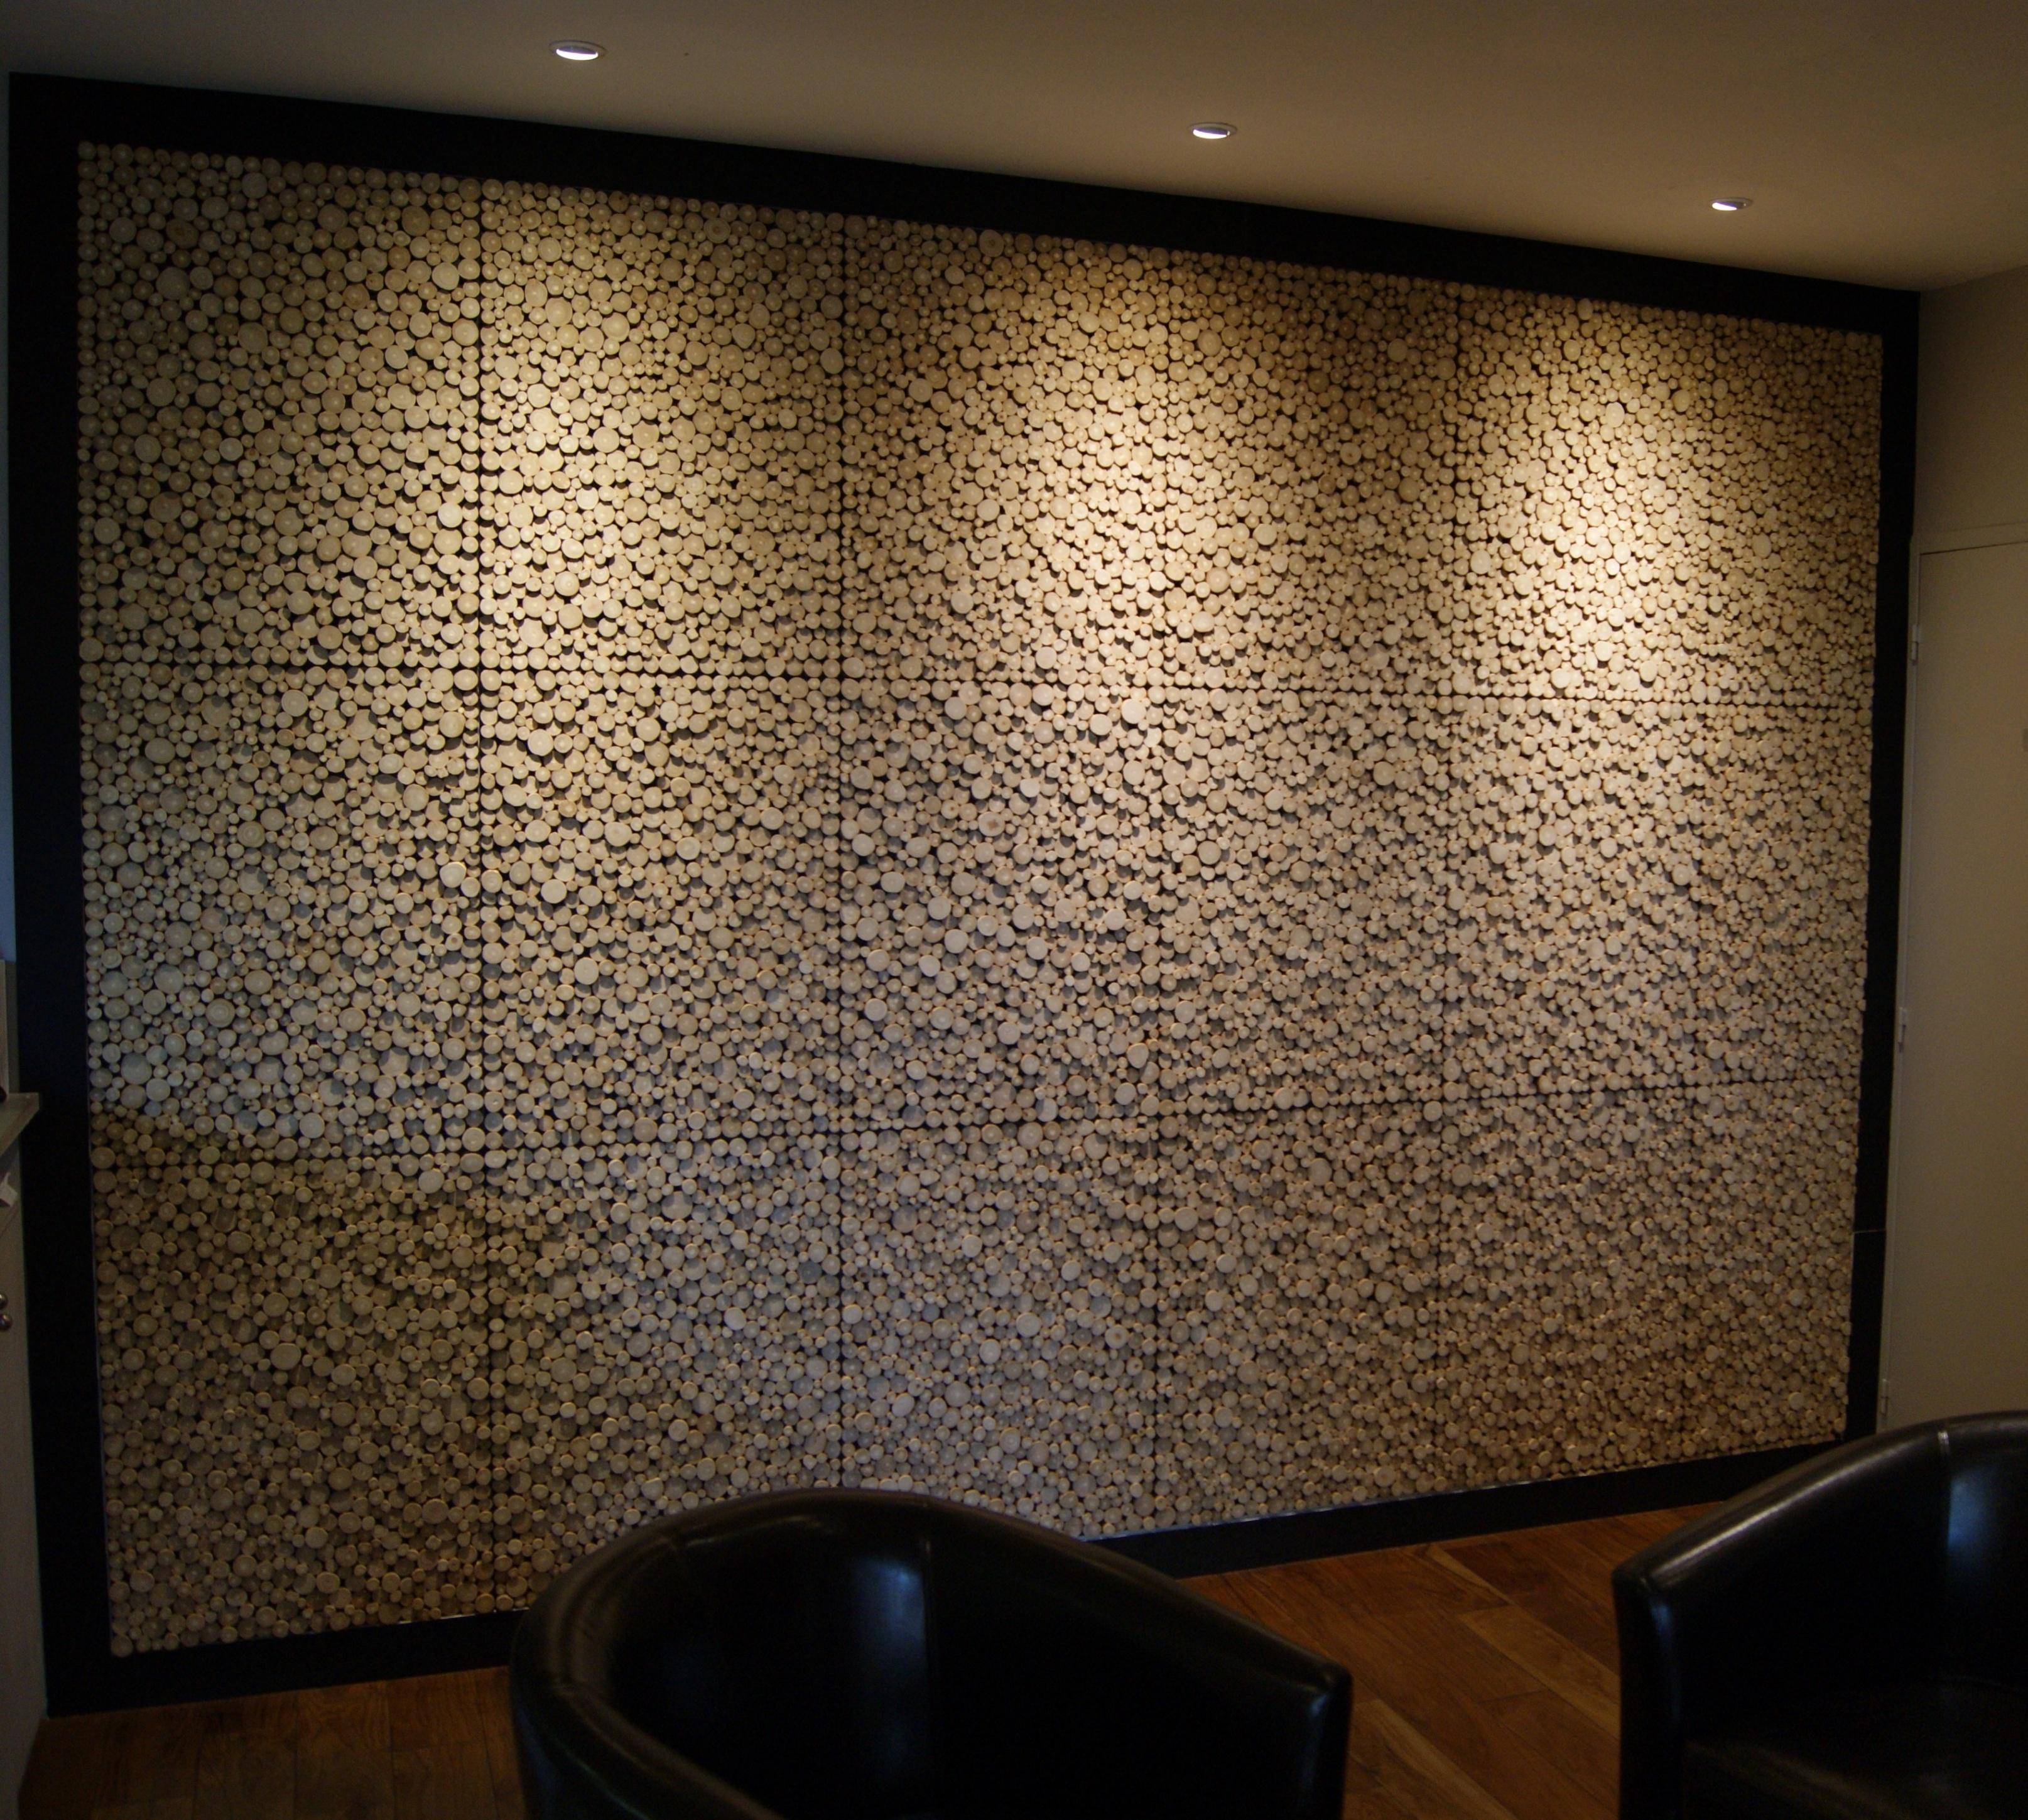 Panneau mural bois d coratif int rieur motivrh - Panneaux decoration murale ...